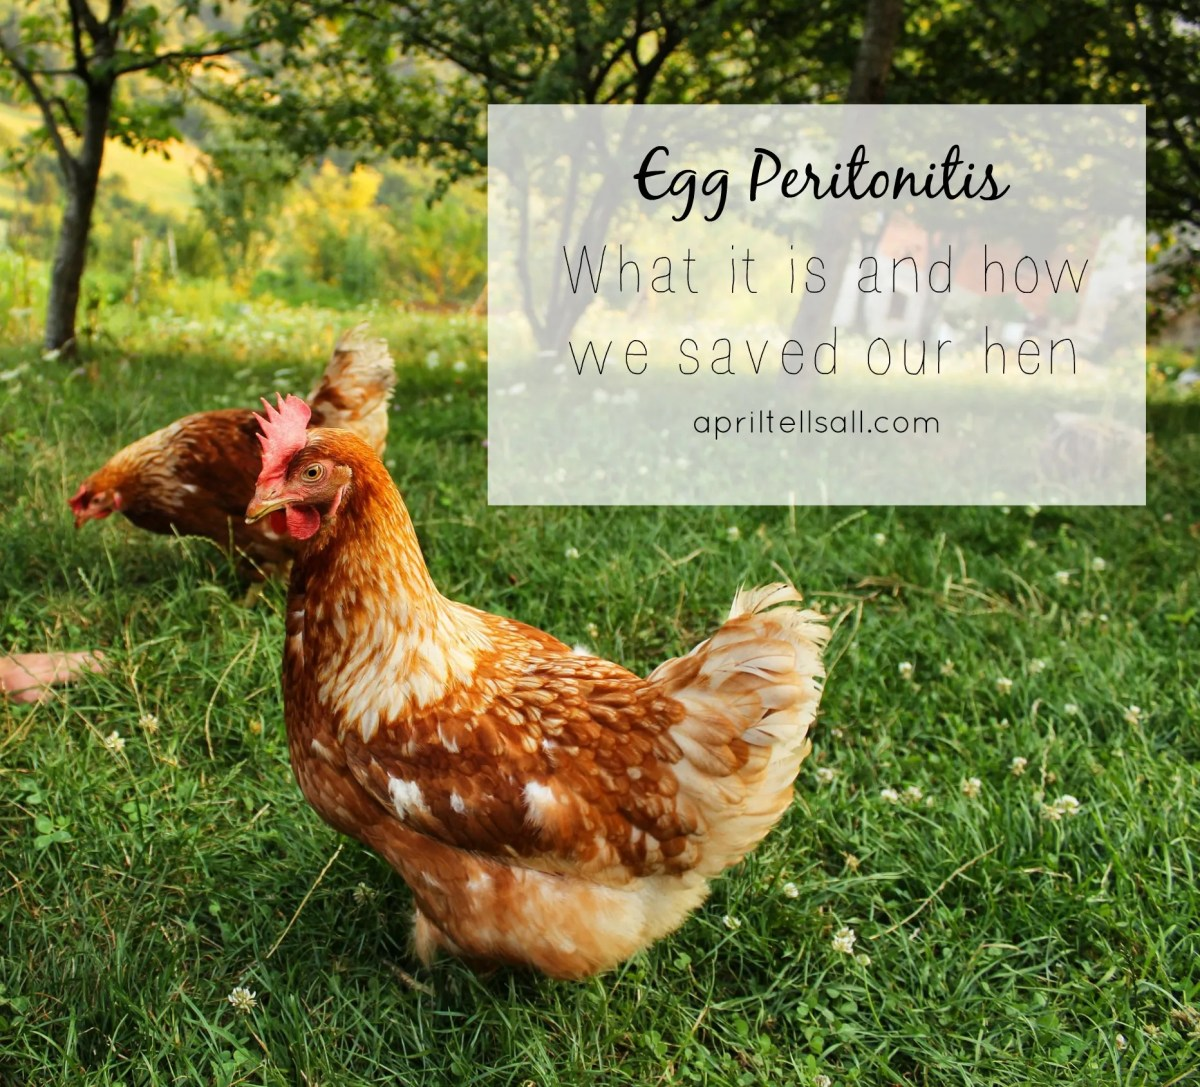 Egg Peritonitis